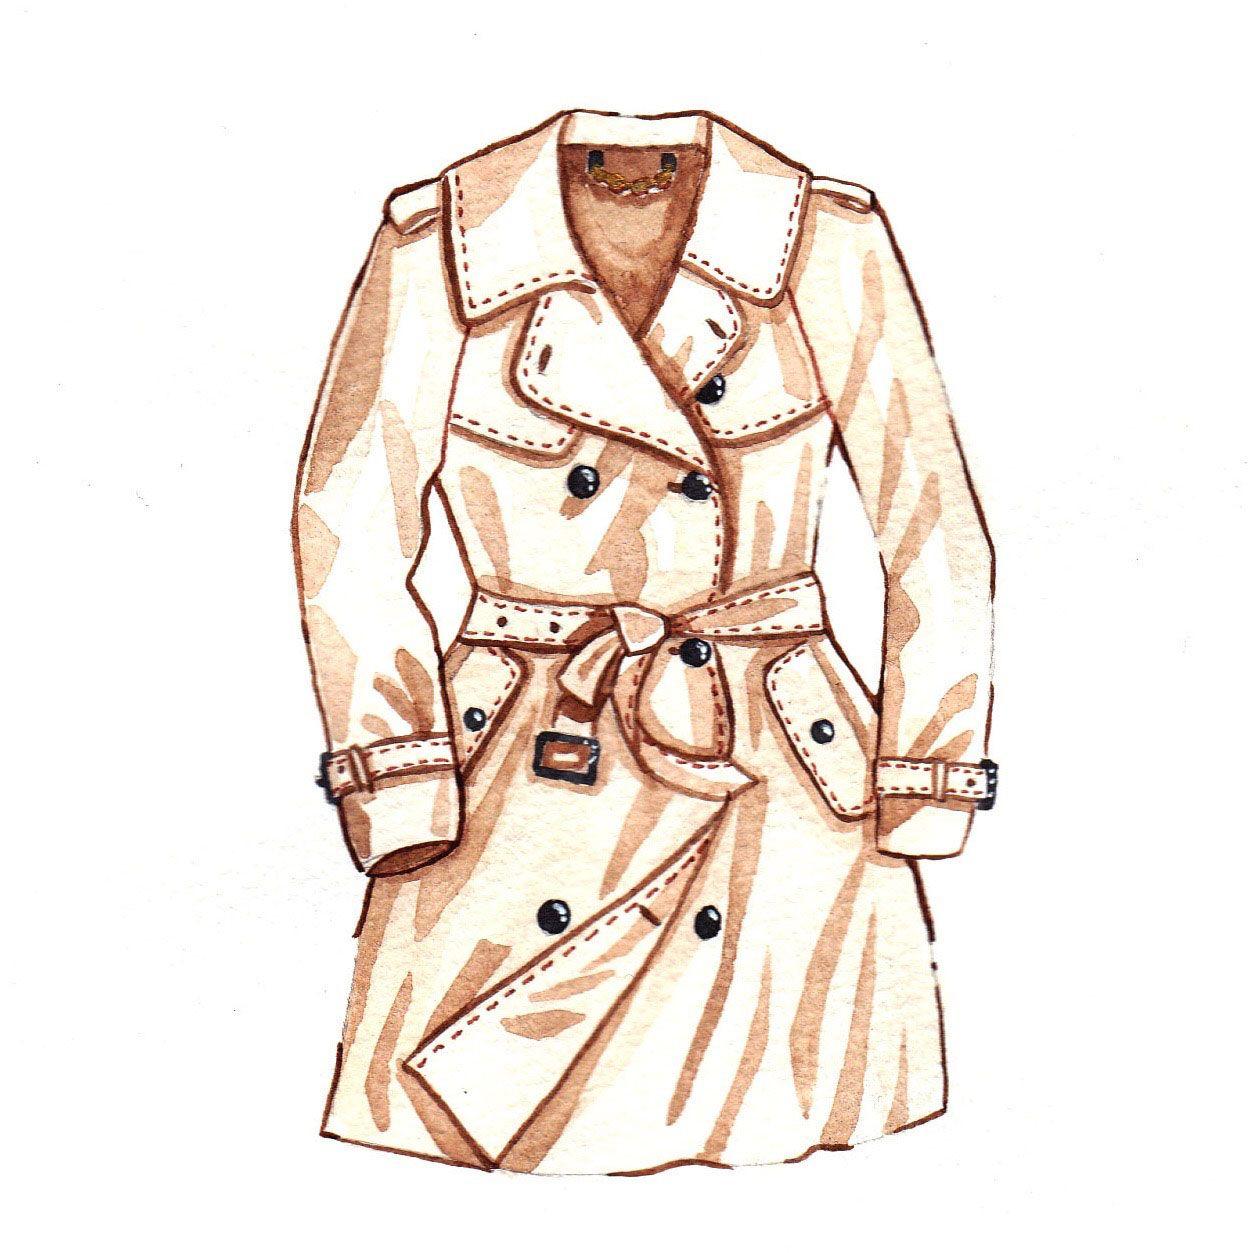 1253x1253 Mochni Trench Coat Drawing Dibujos Dibujos Trench